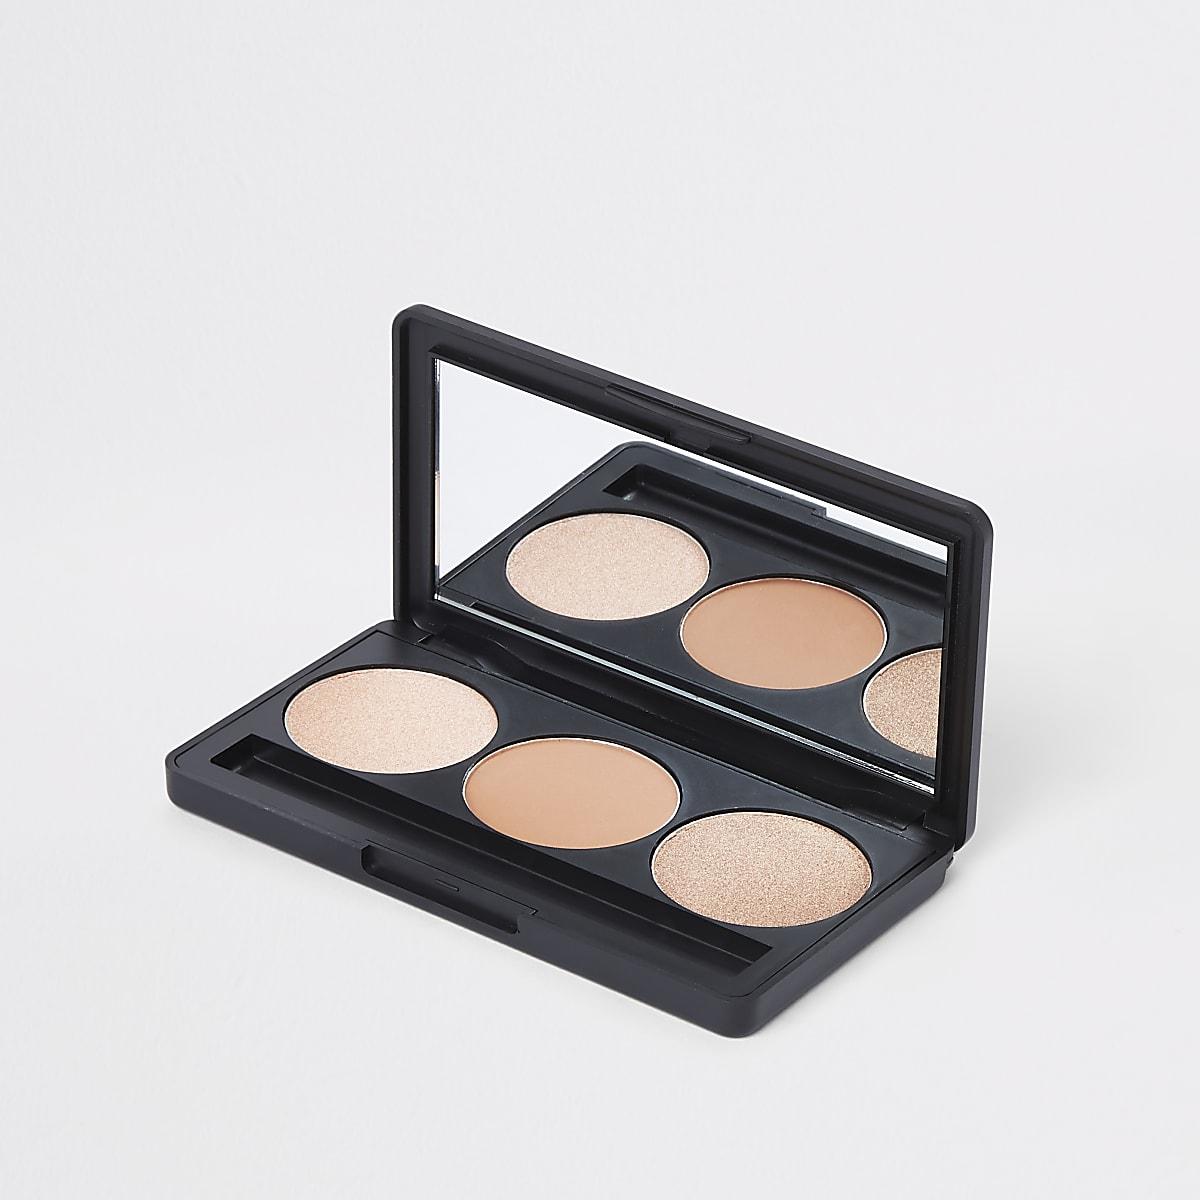 Bronzing trio contour kit